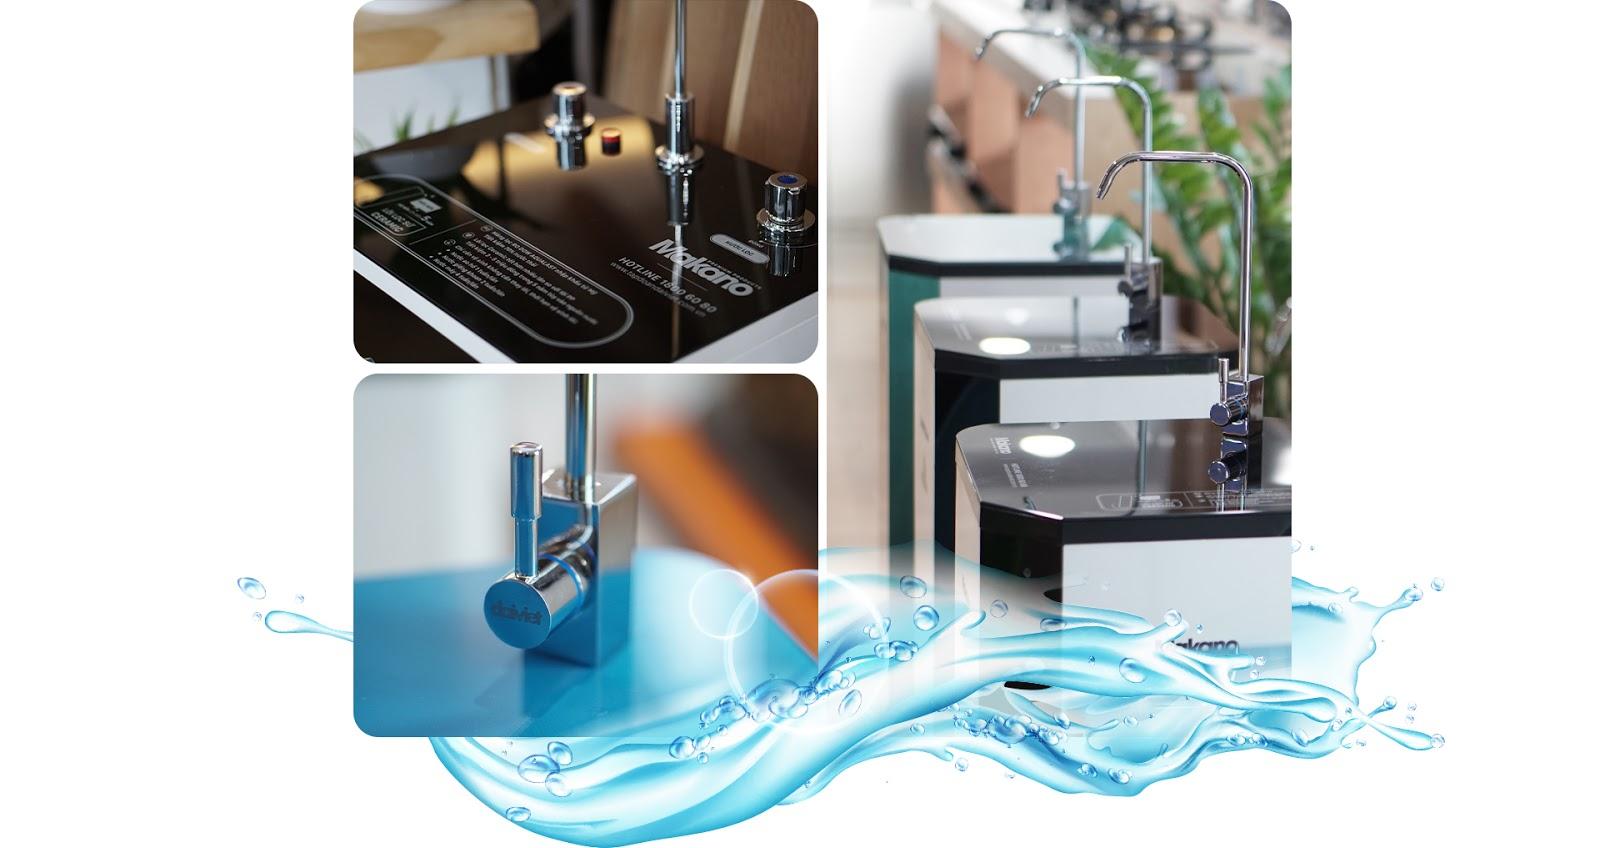 Tinh tế từng chi tiết nhỏ của máy lọc nước